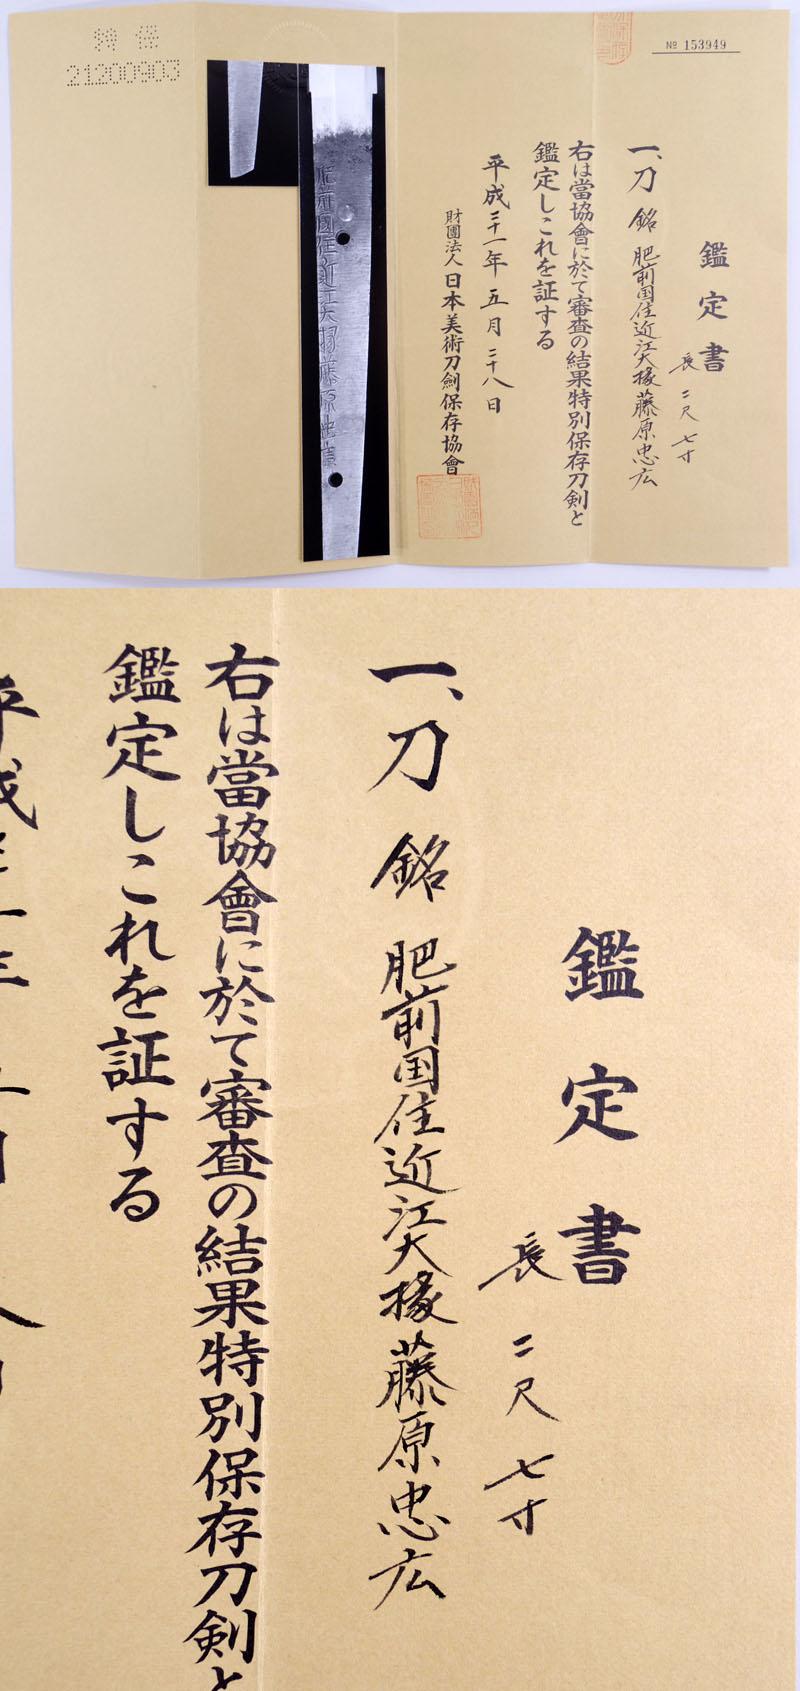 肥前国住近江大掾藤原忠広 Picture of Certificate